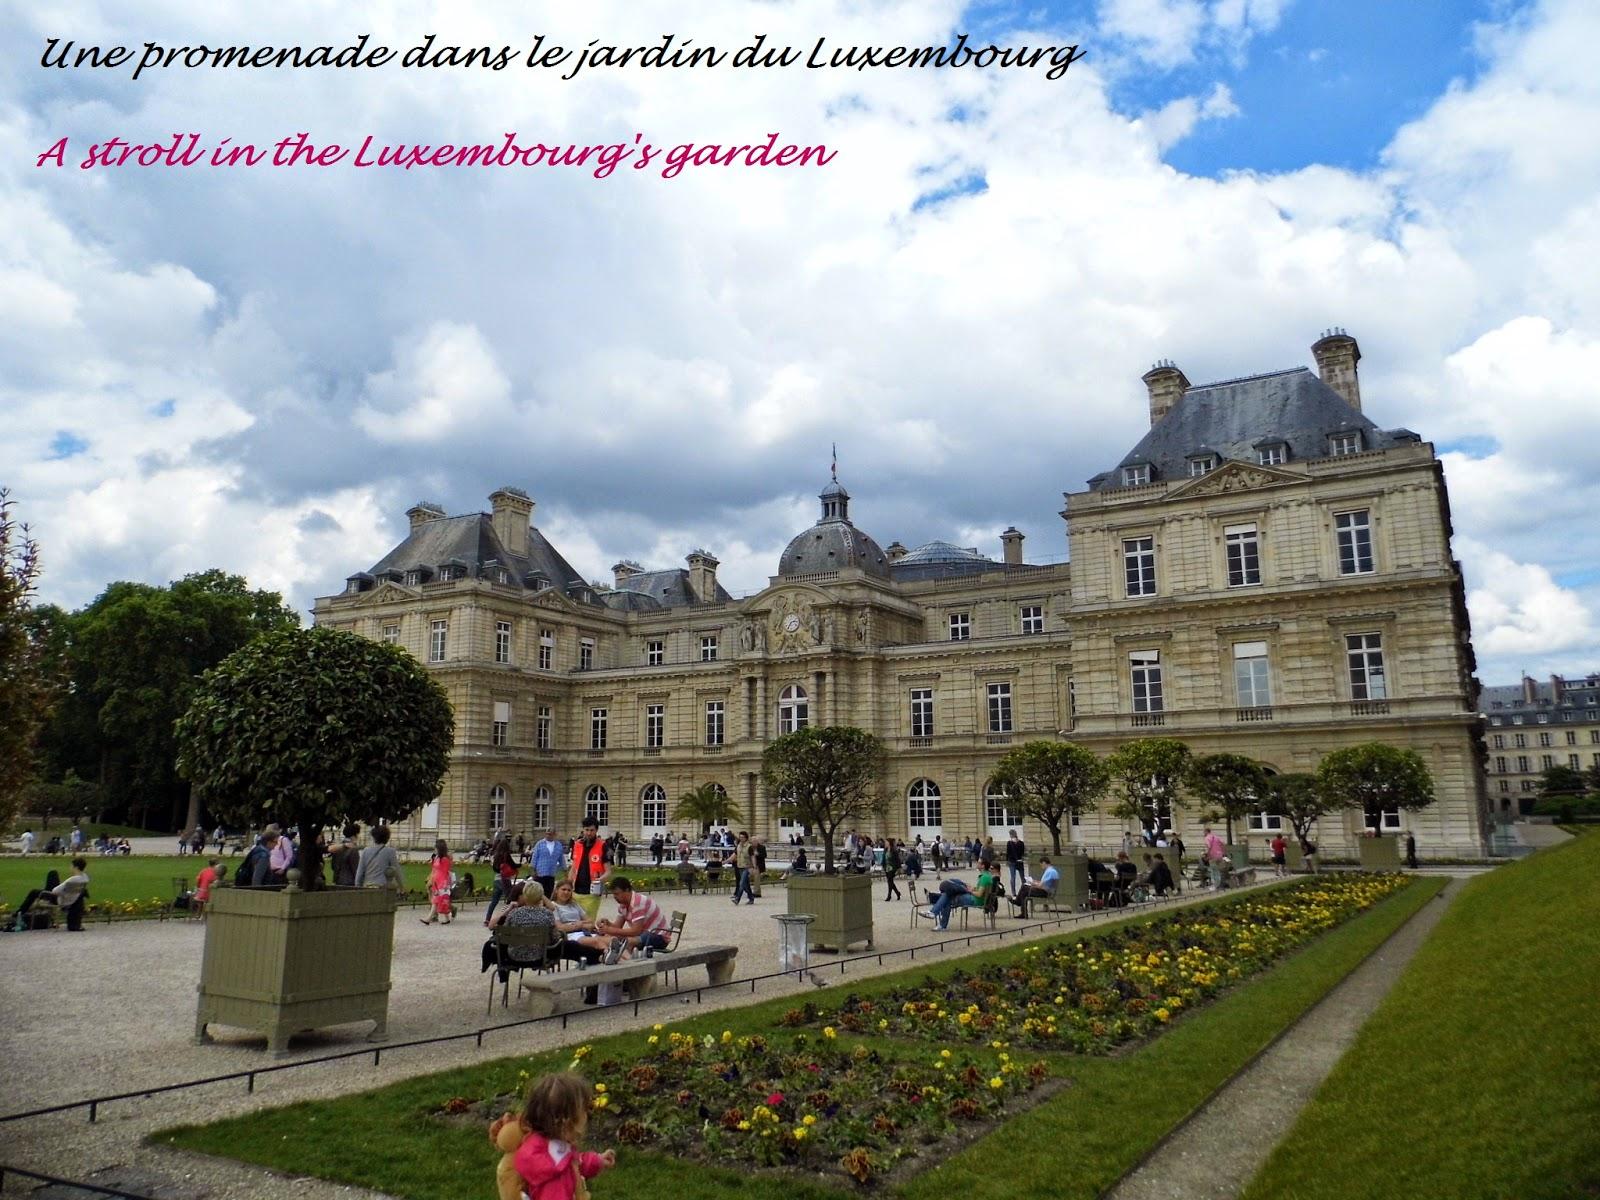 La Cité des Vents Paris Promenade dans le jardin du Luxembourg